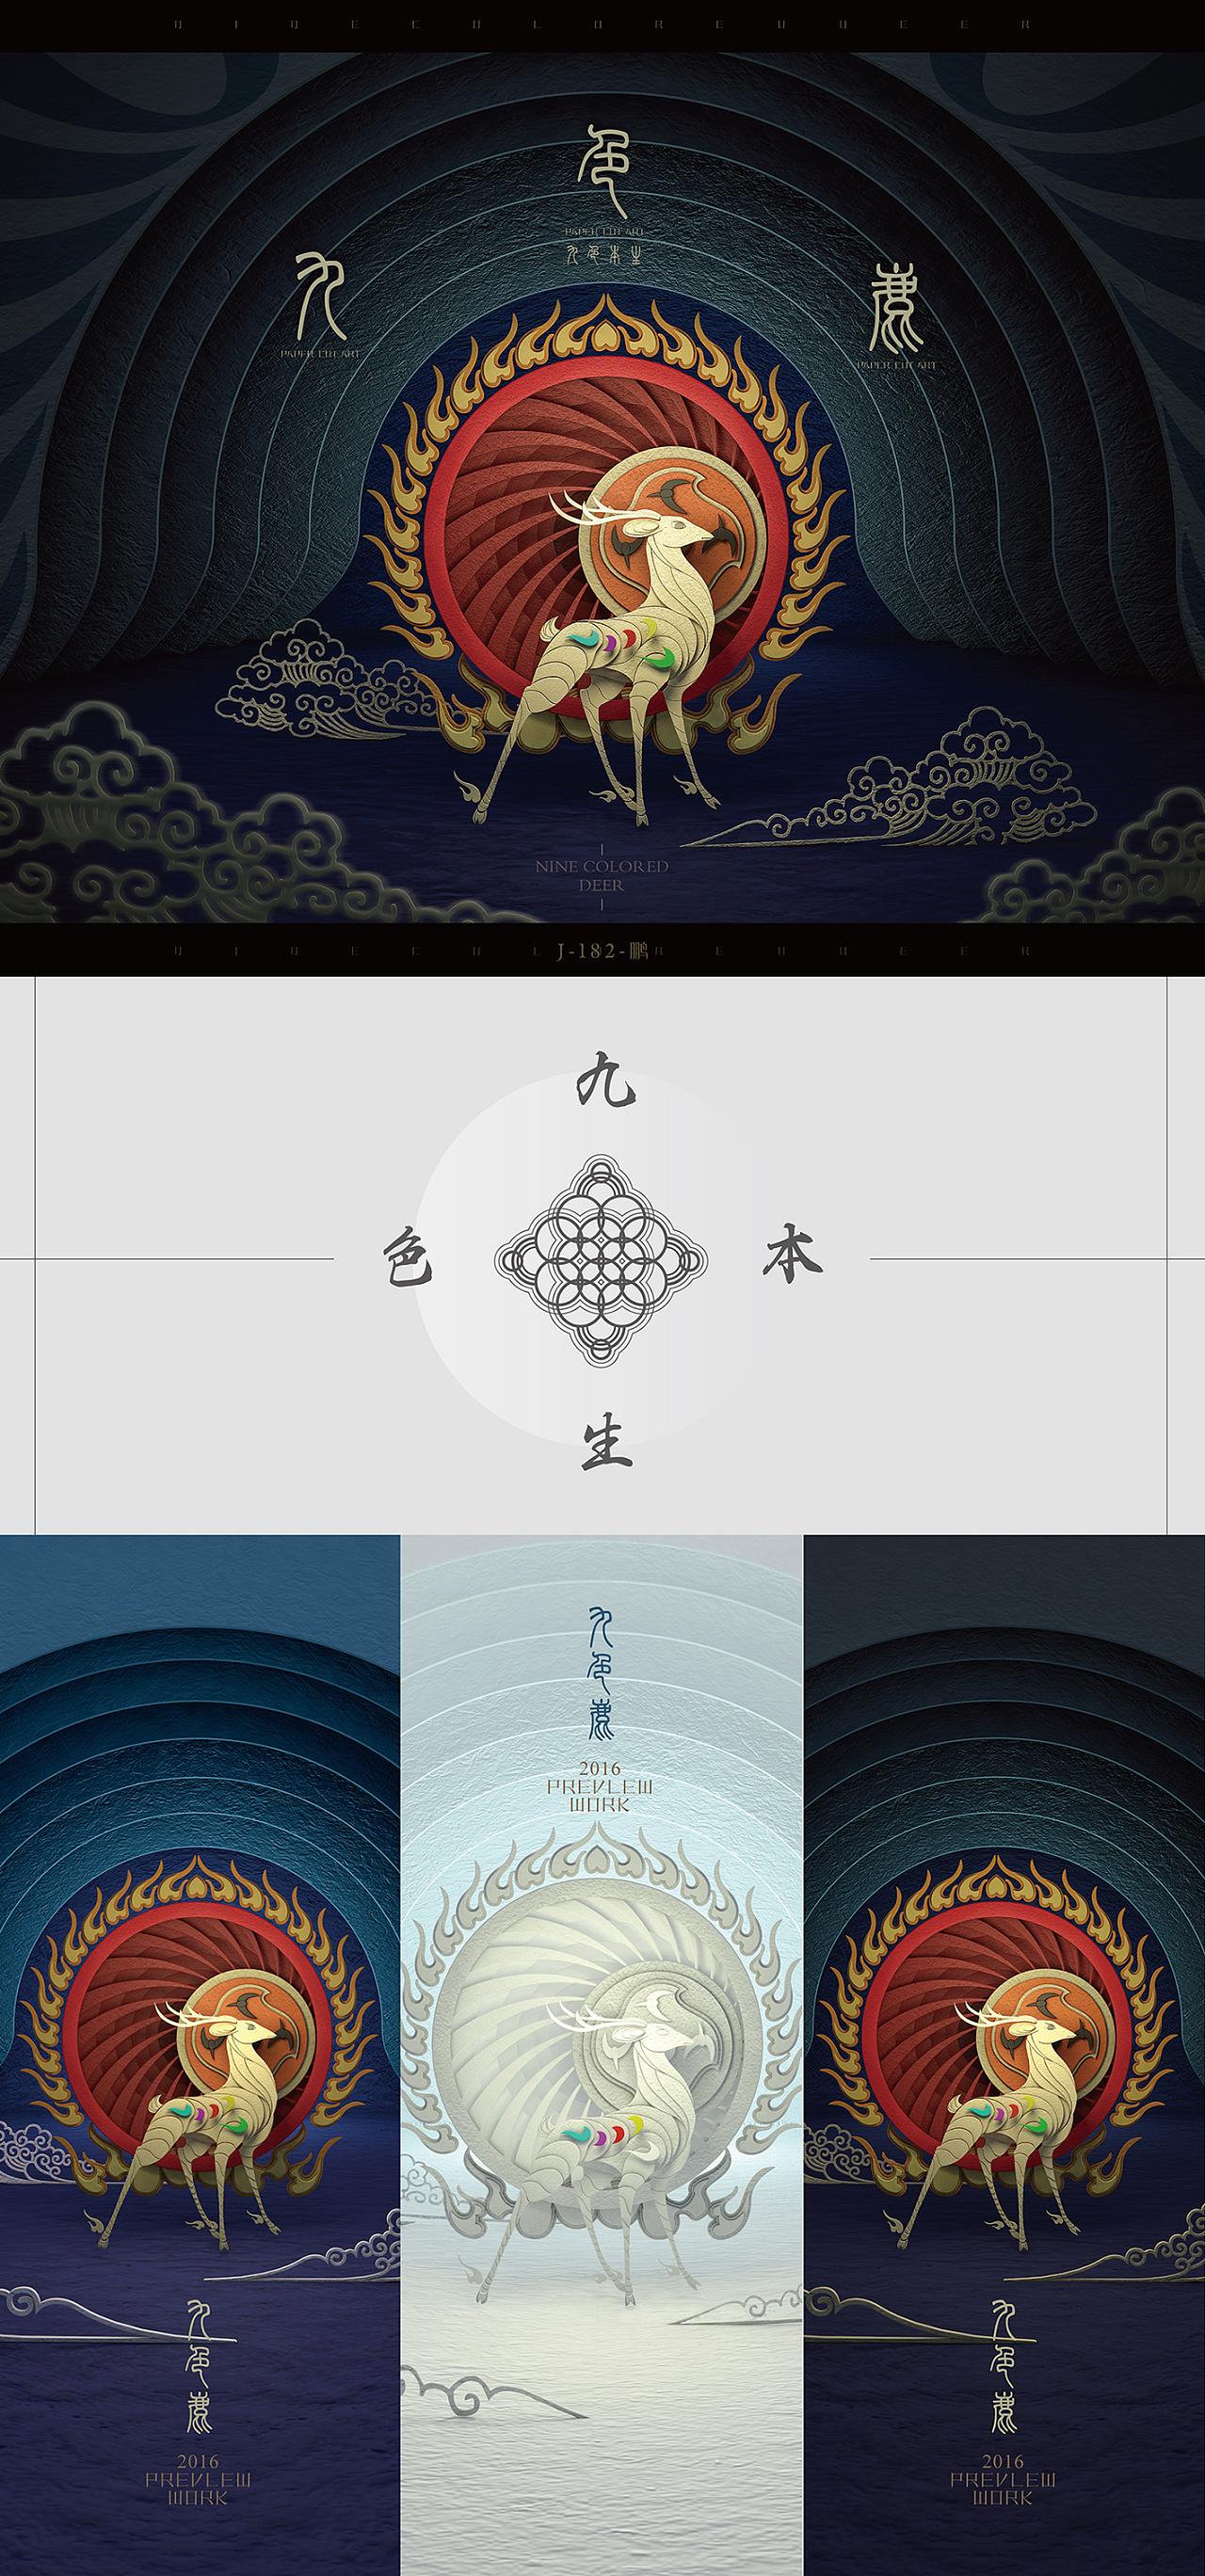 ps做海报_九色鹿剪纸风格|平面|海报|LPYIZJ - 原创作品 - 站酷 (ZCOOL)